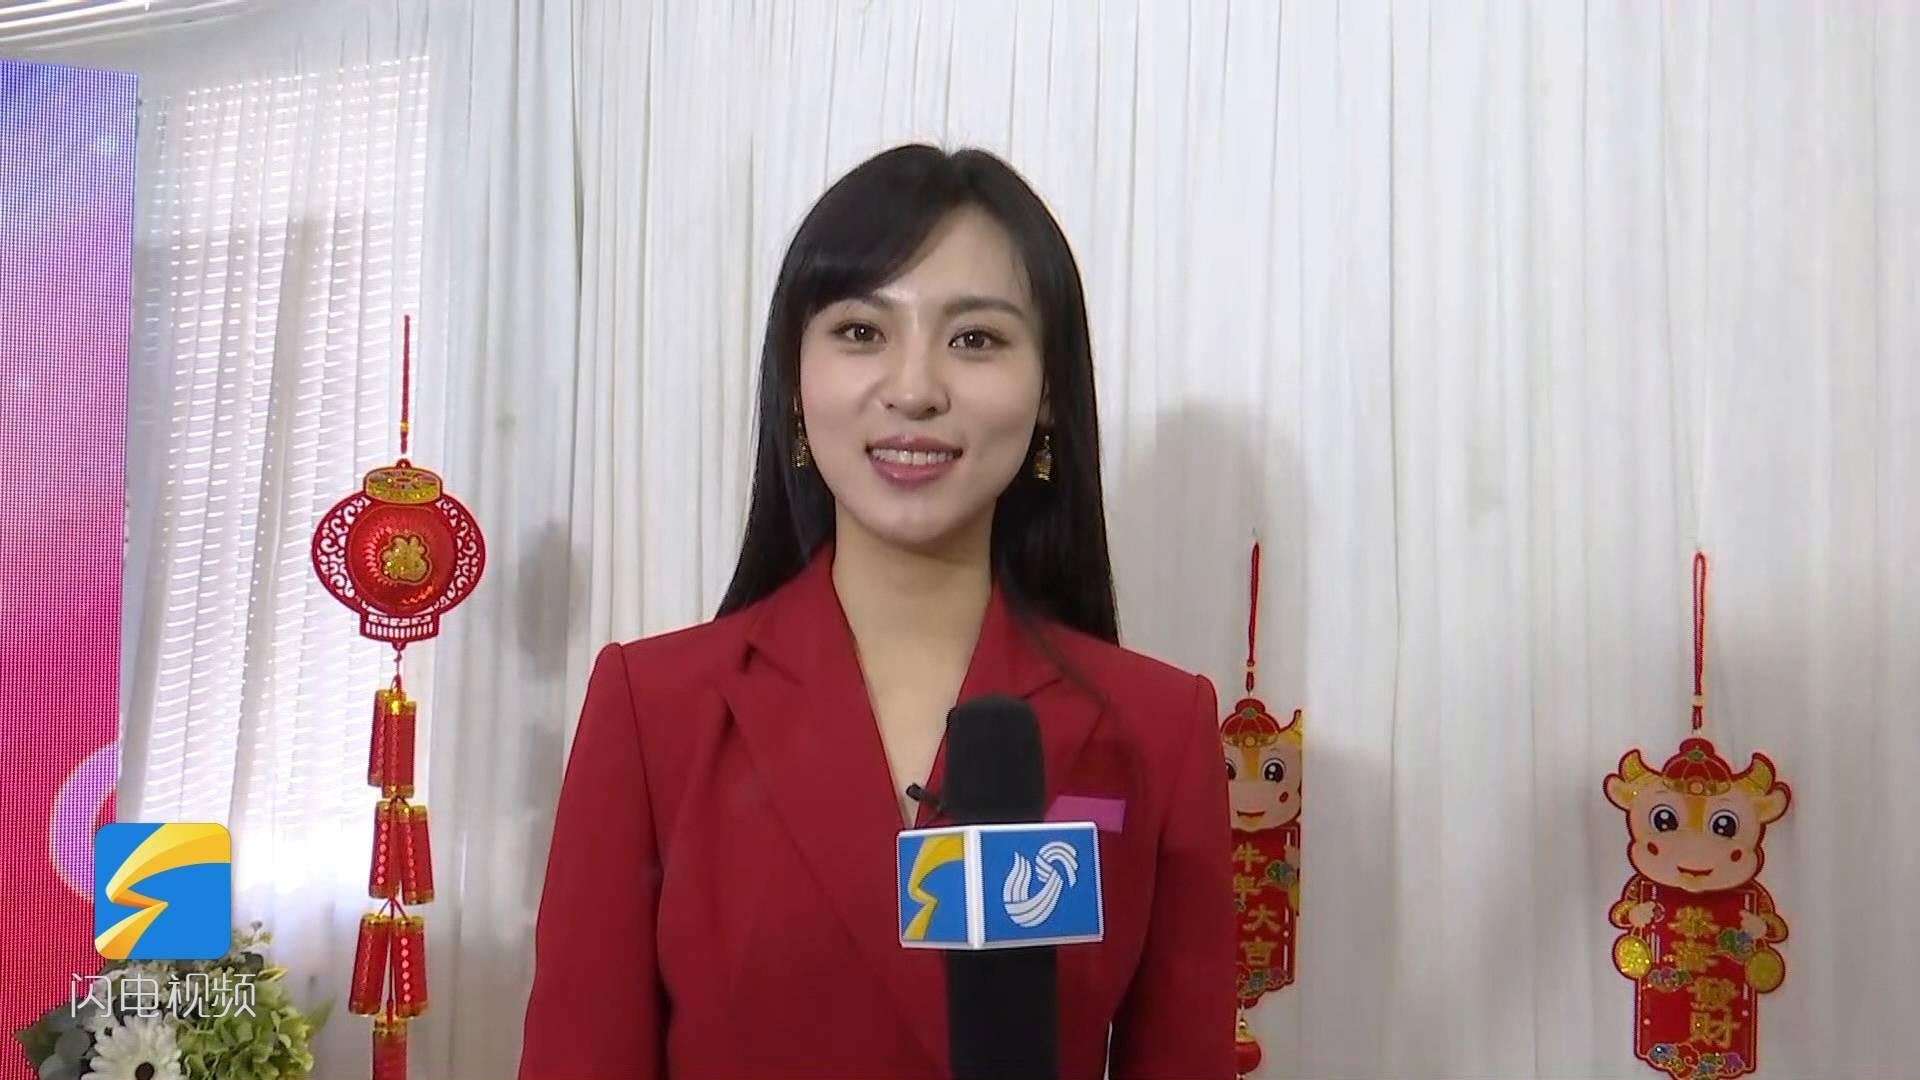 13秒丨山东广播电视台新闻频道上线 演员周放送上祝福